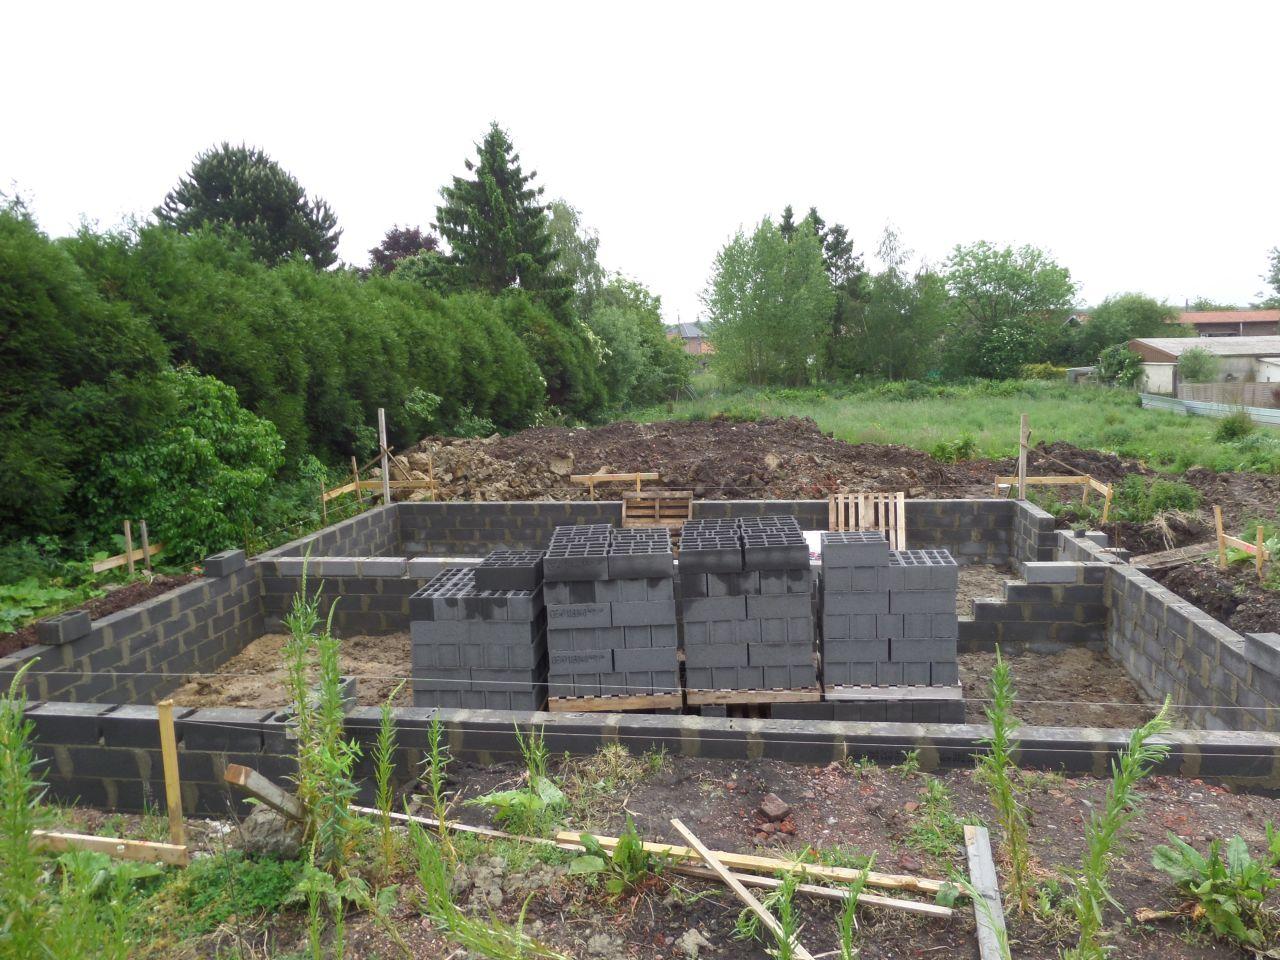 Vue d'ensemble des fondations en face de la maison